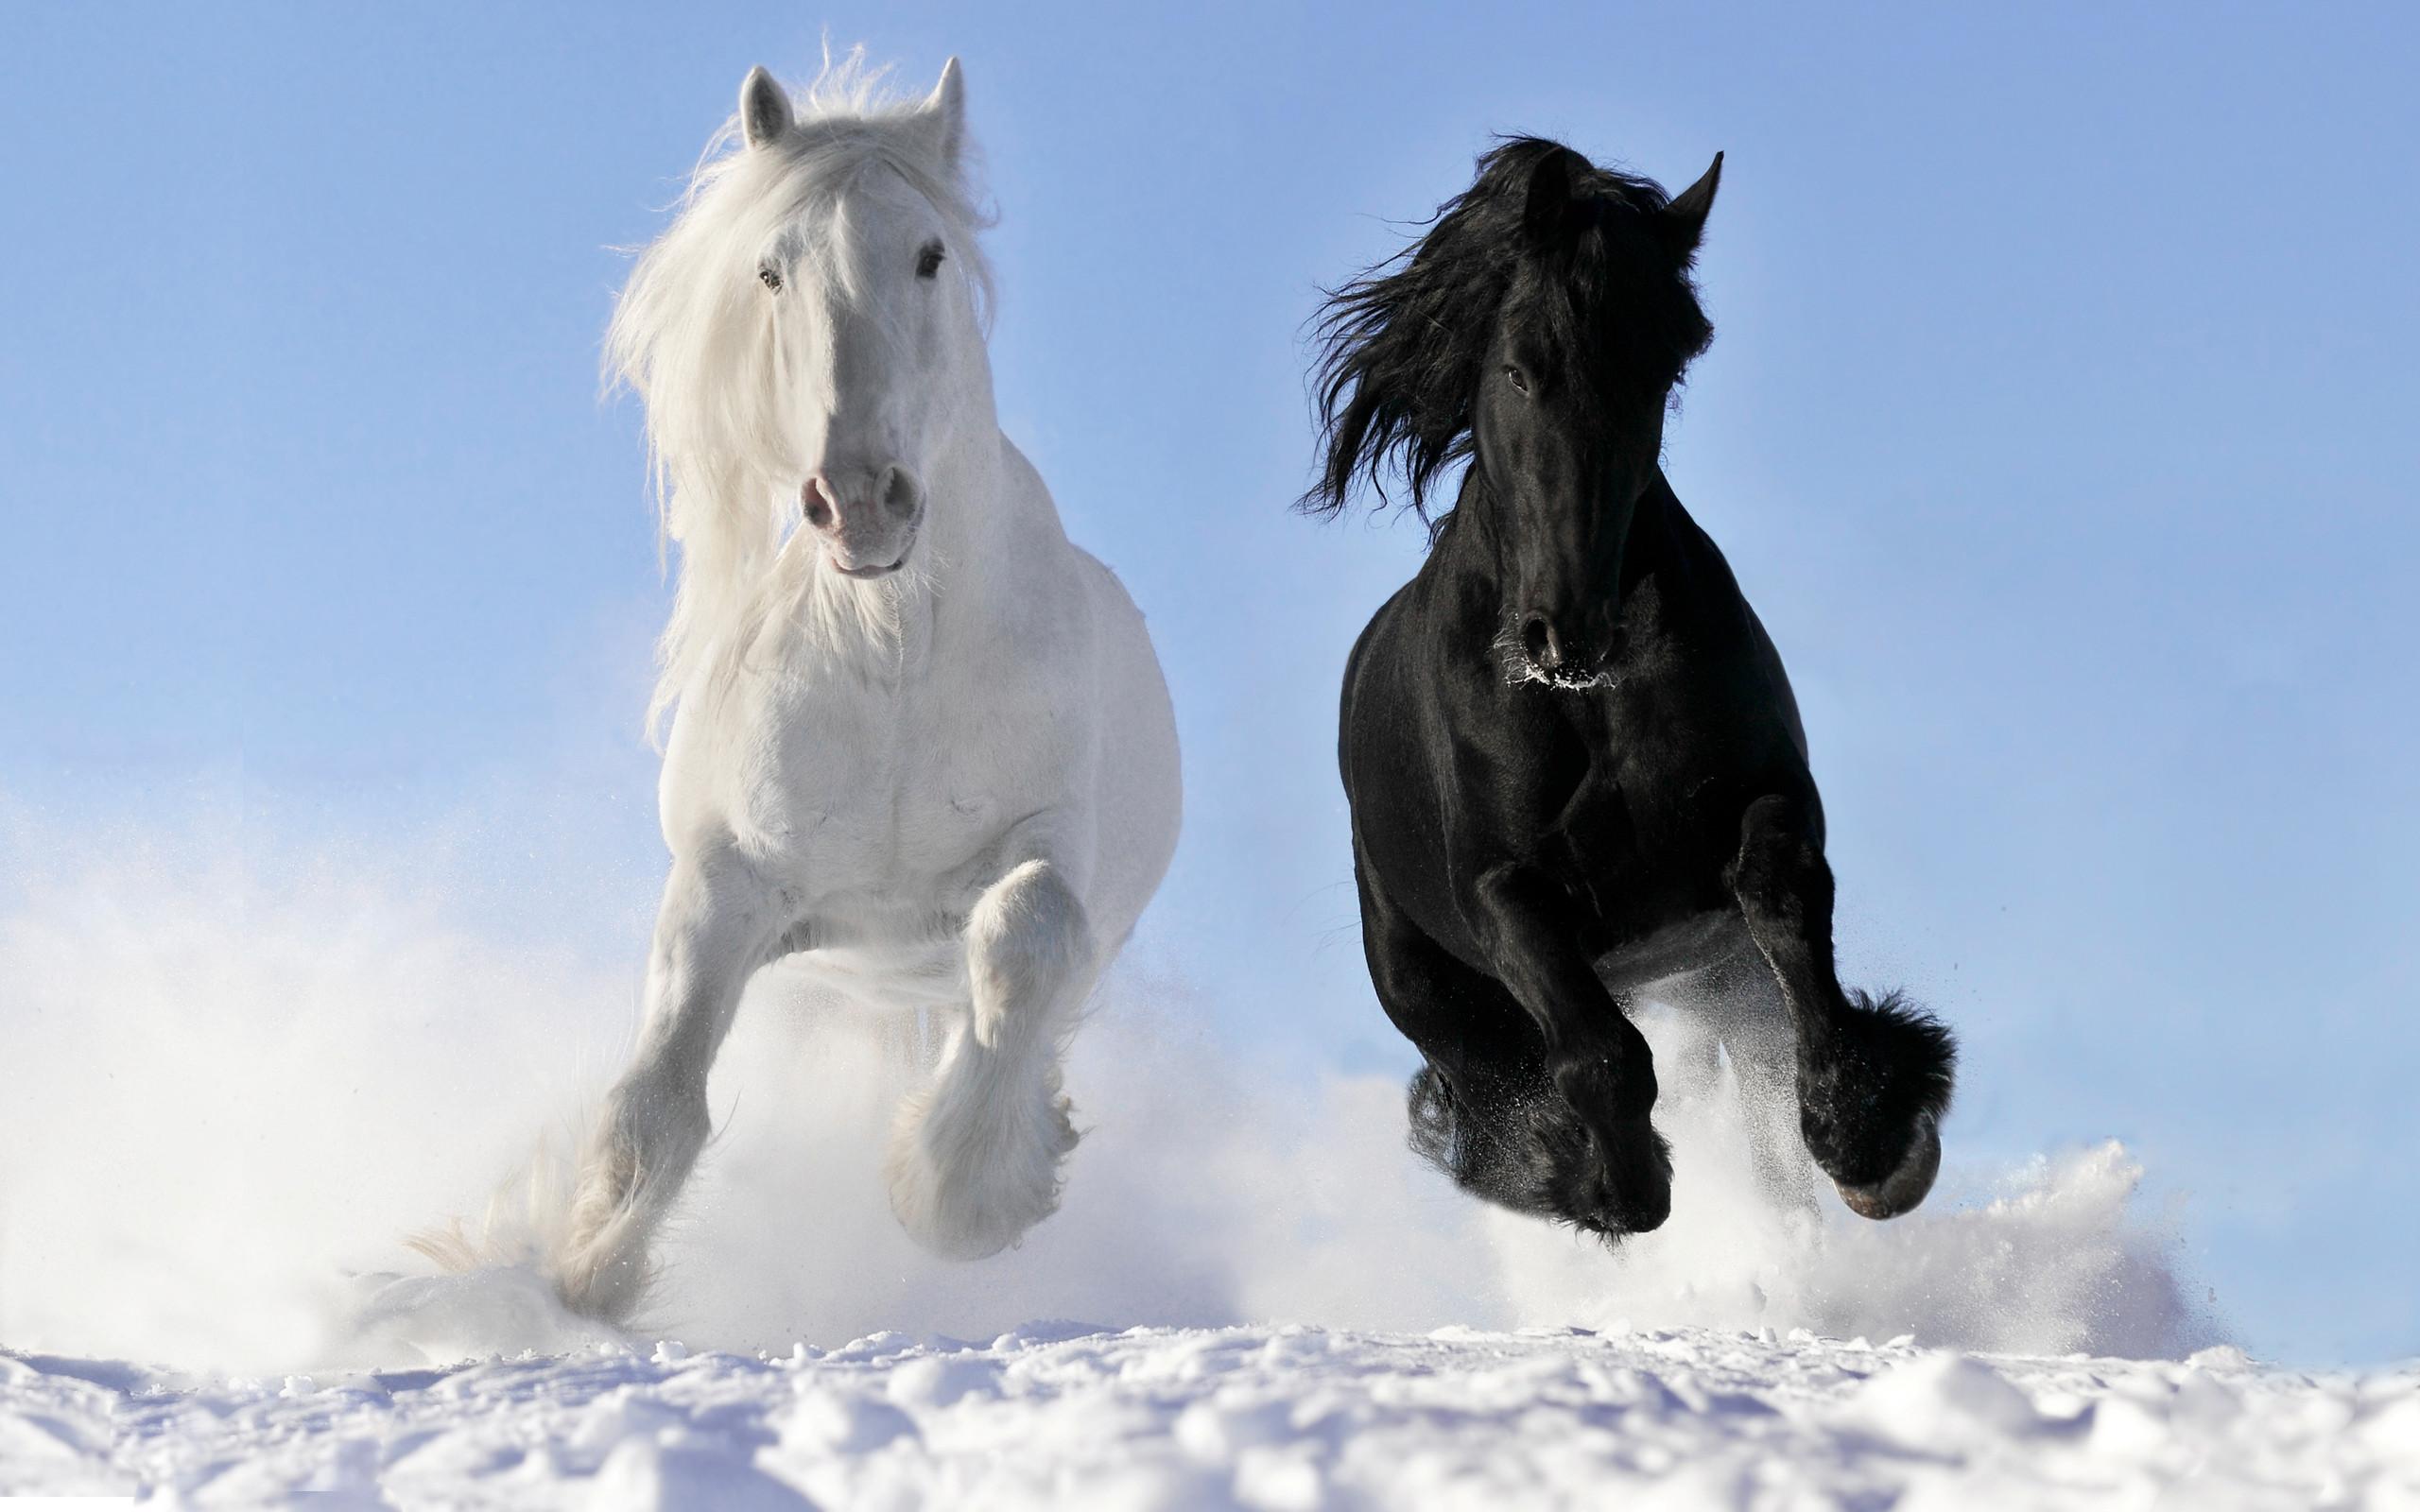 Res: 2560x1600, HD Horse Wallpaper Desktop.